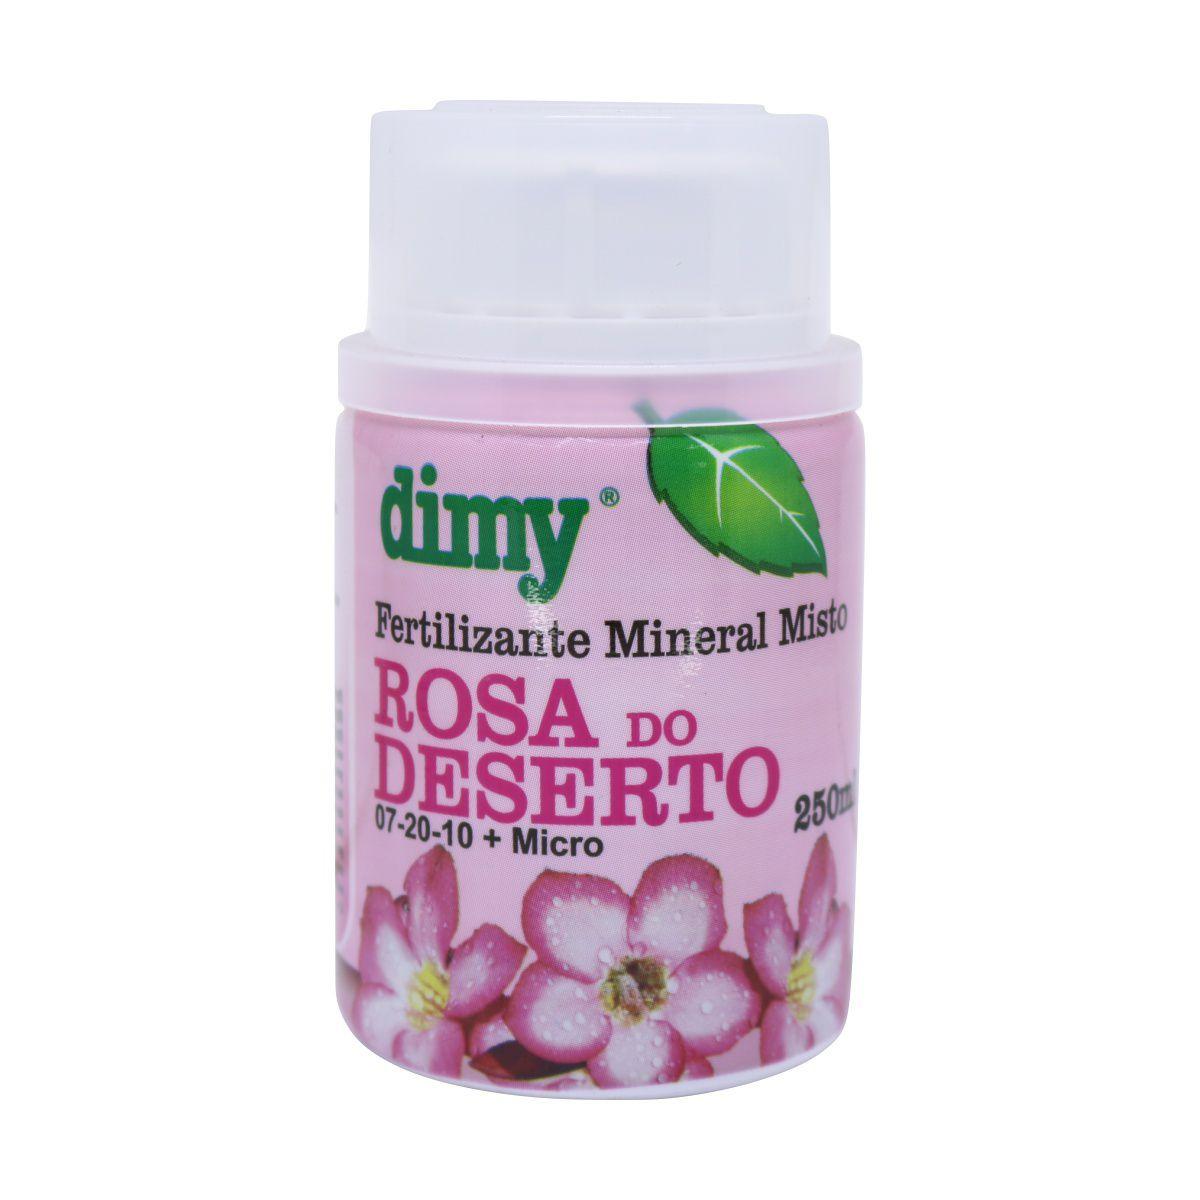 Fertilizante Mineral Misto para Rosa do Deserto Dimy 07-20-10   Micro 250ml